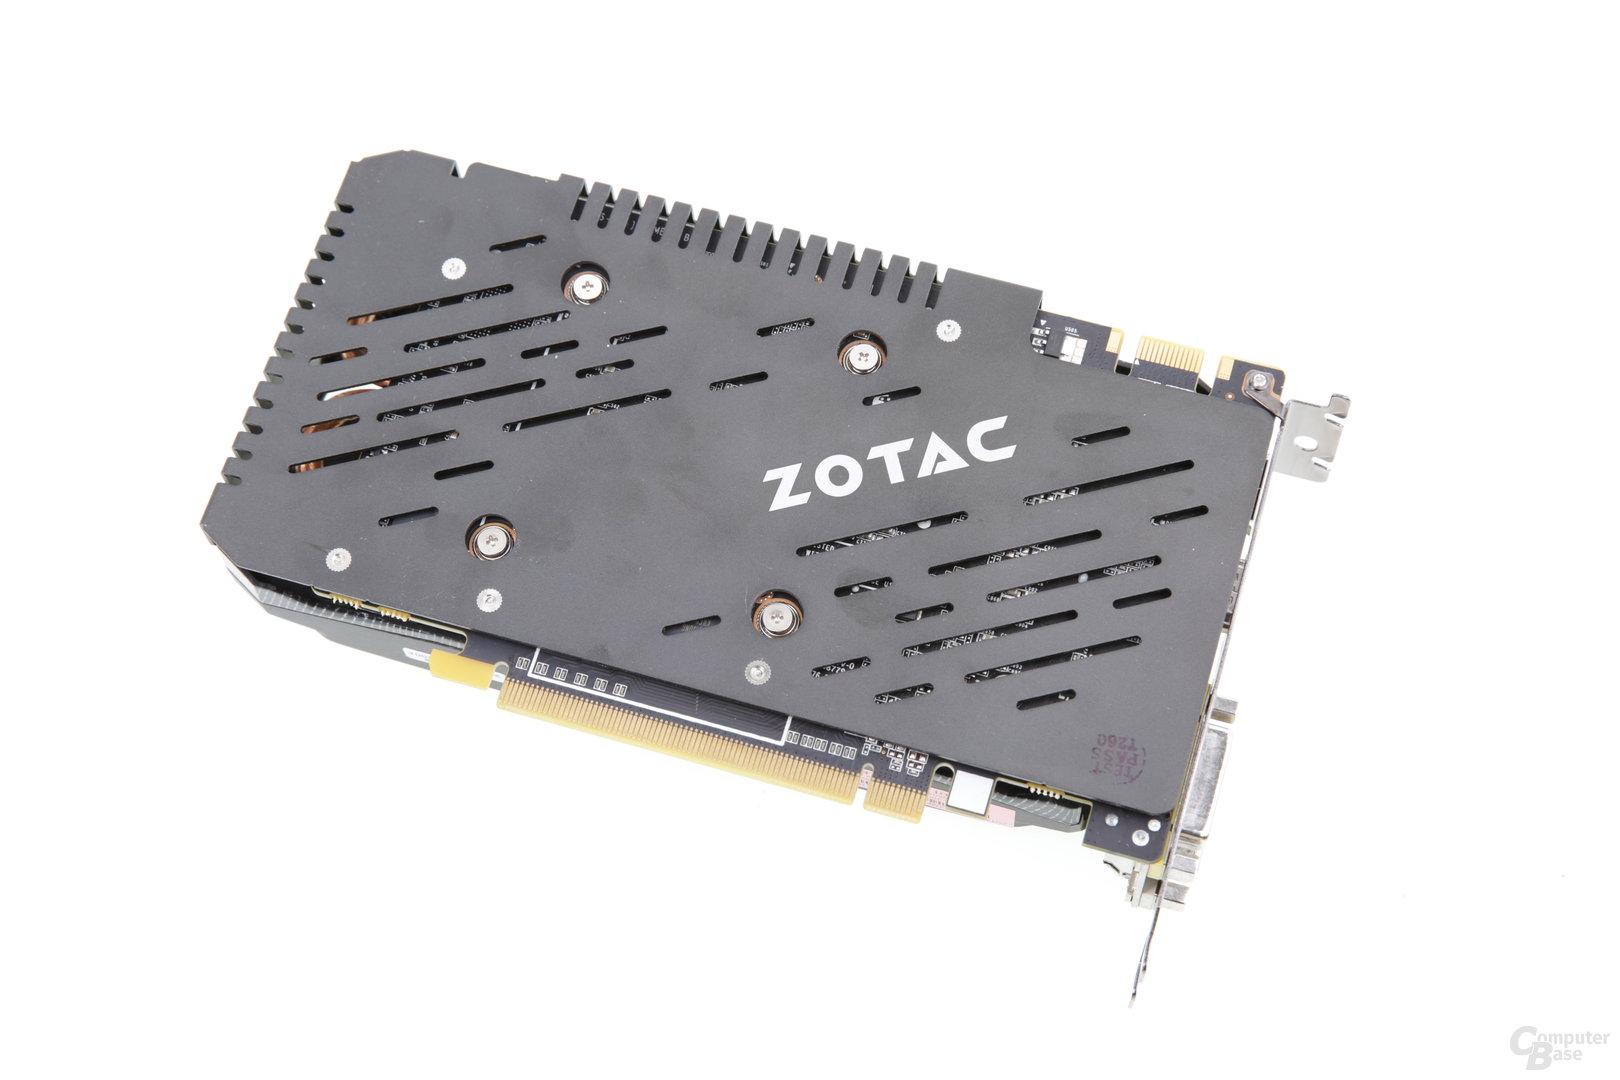 Zotac GeForce GTX 950 AMP! - Rückseite